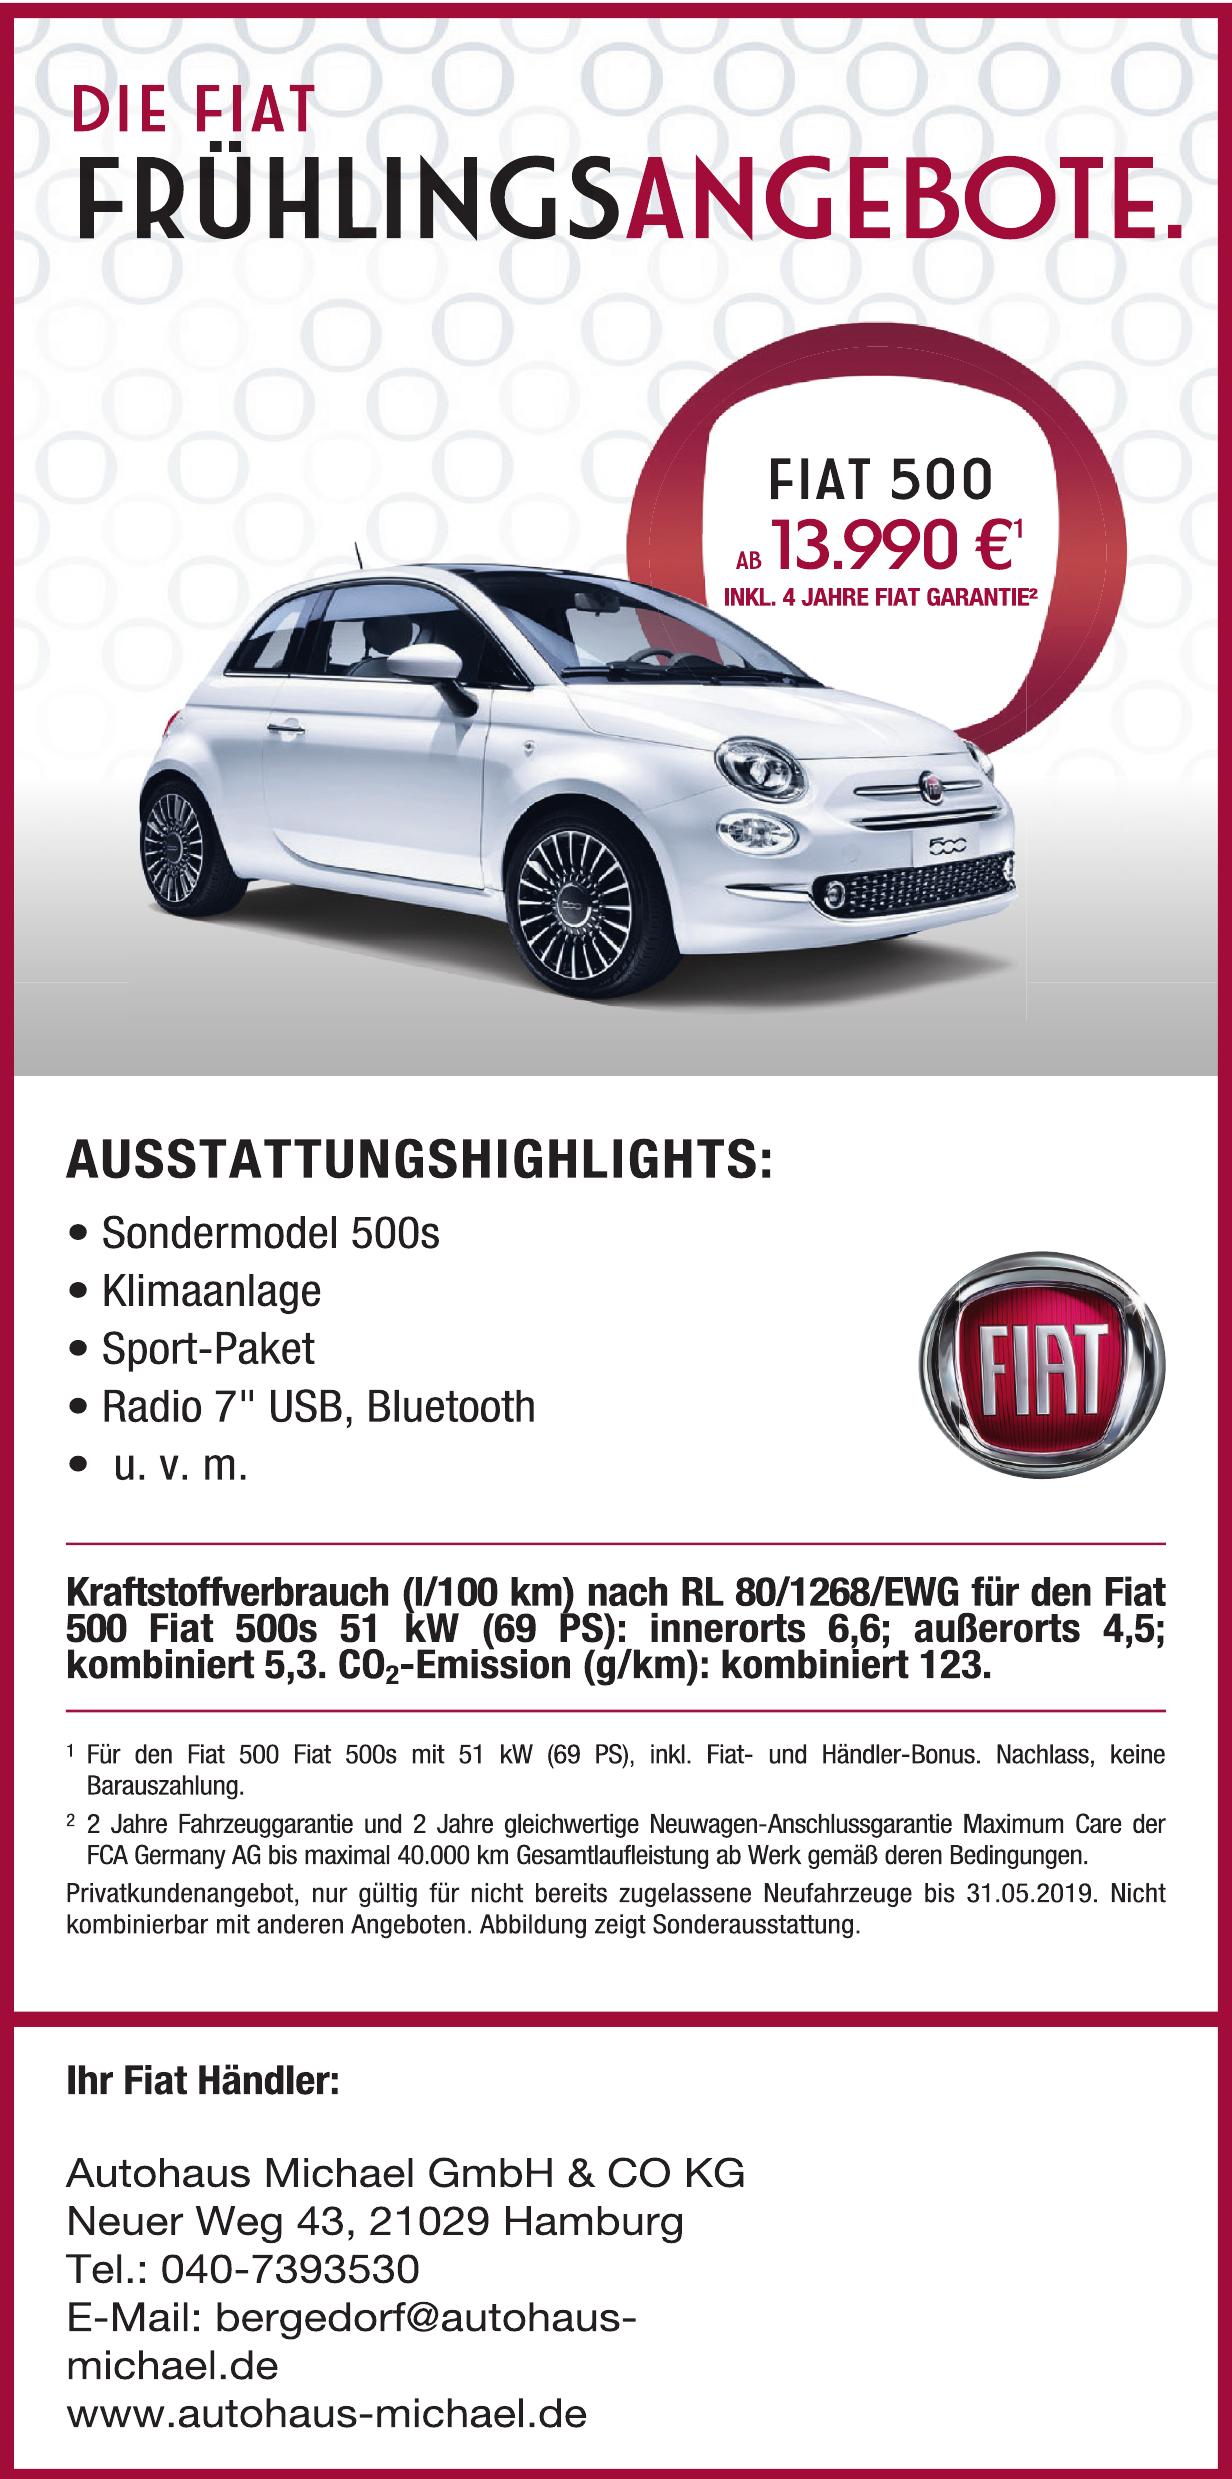 Autohaus Michael GmbH & Co. KG